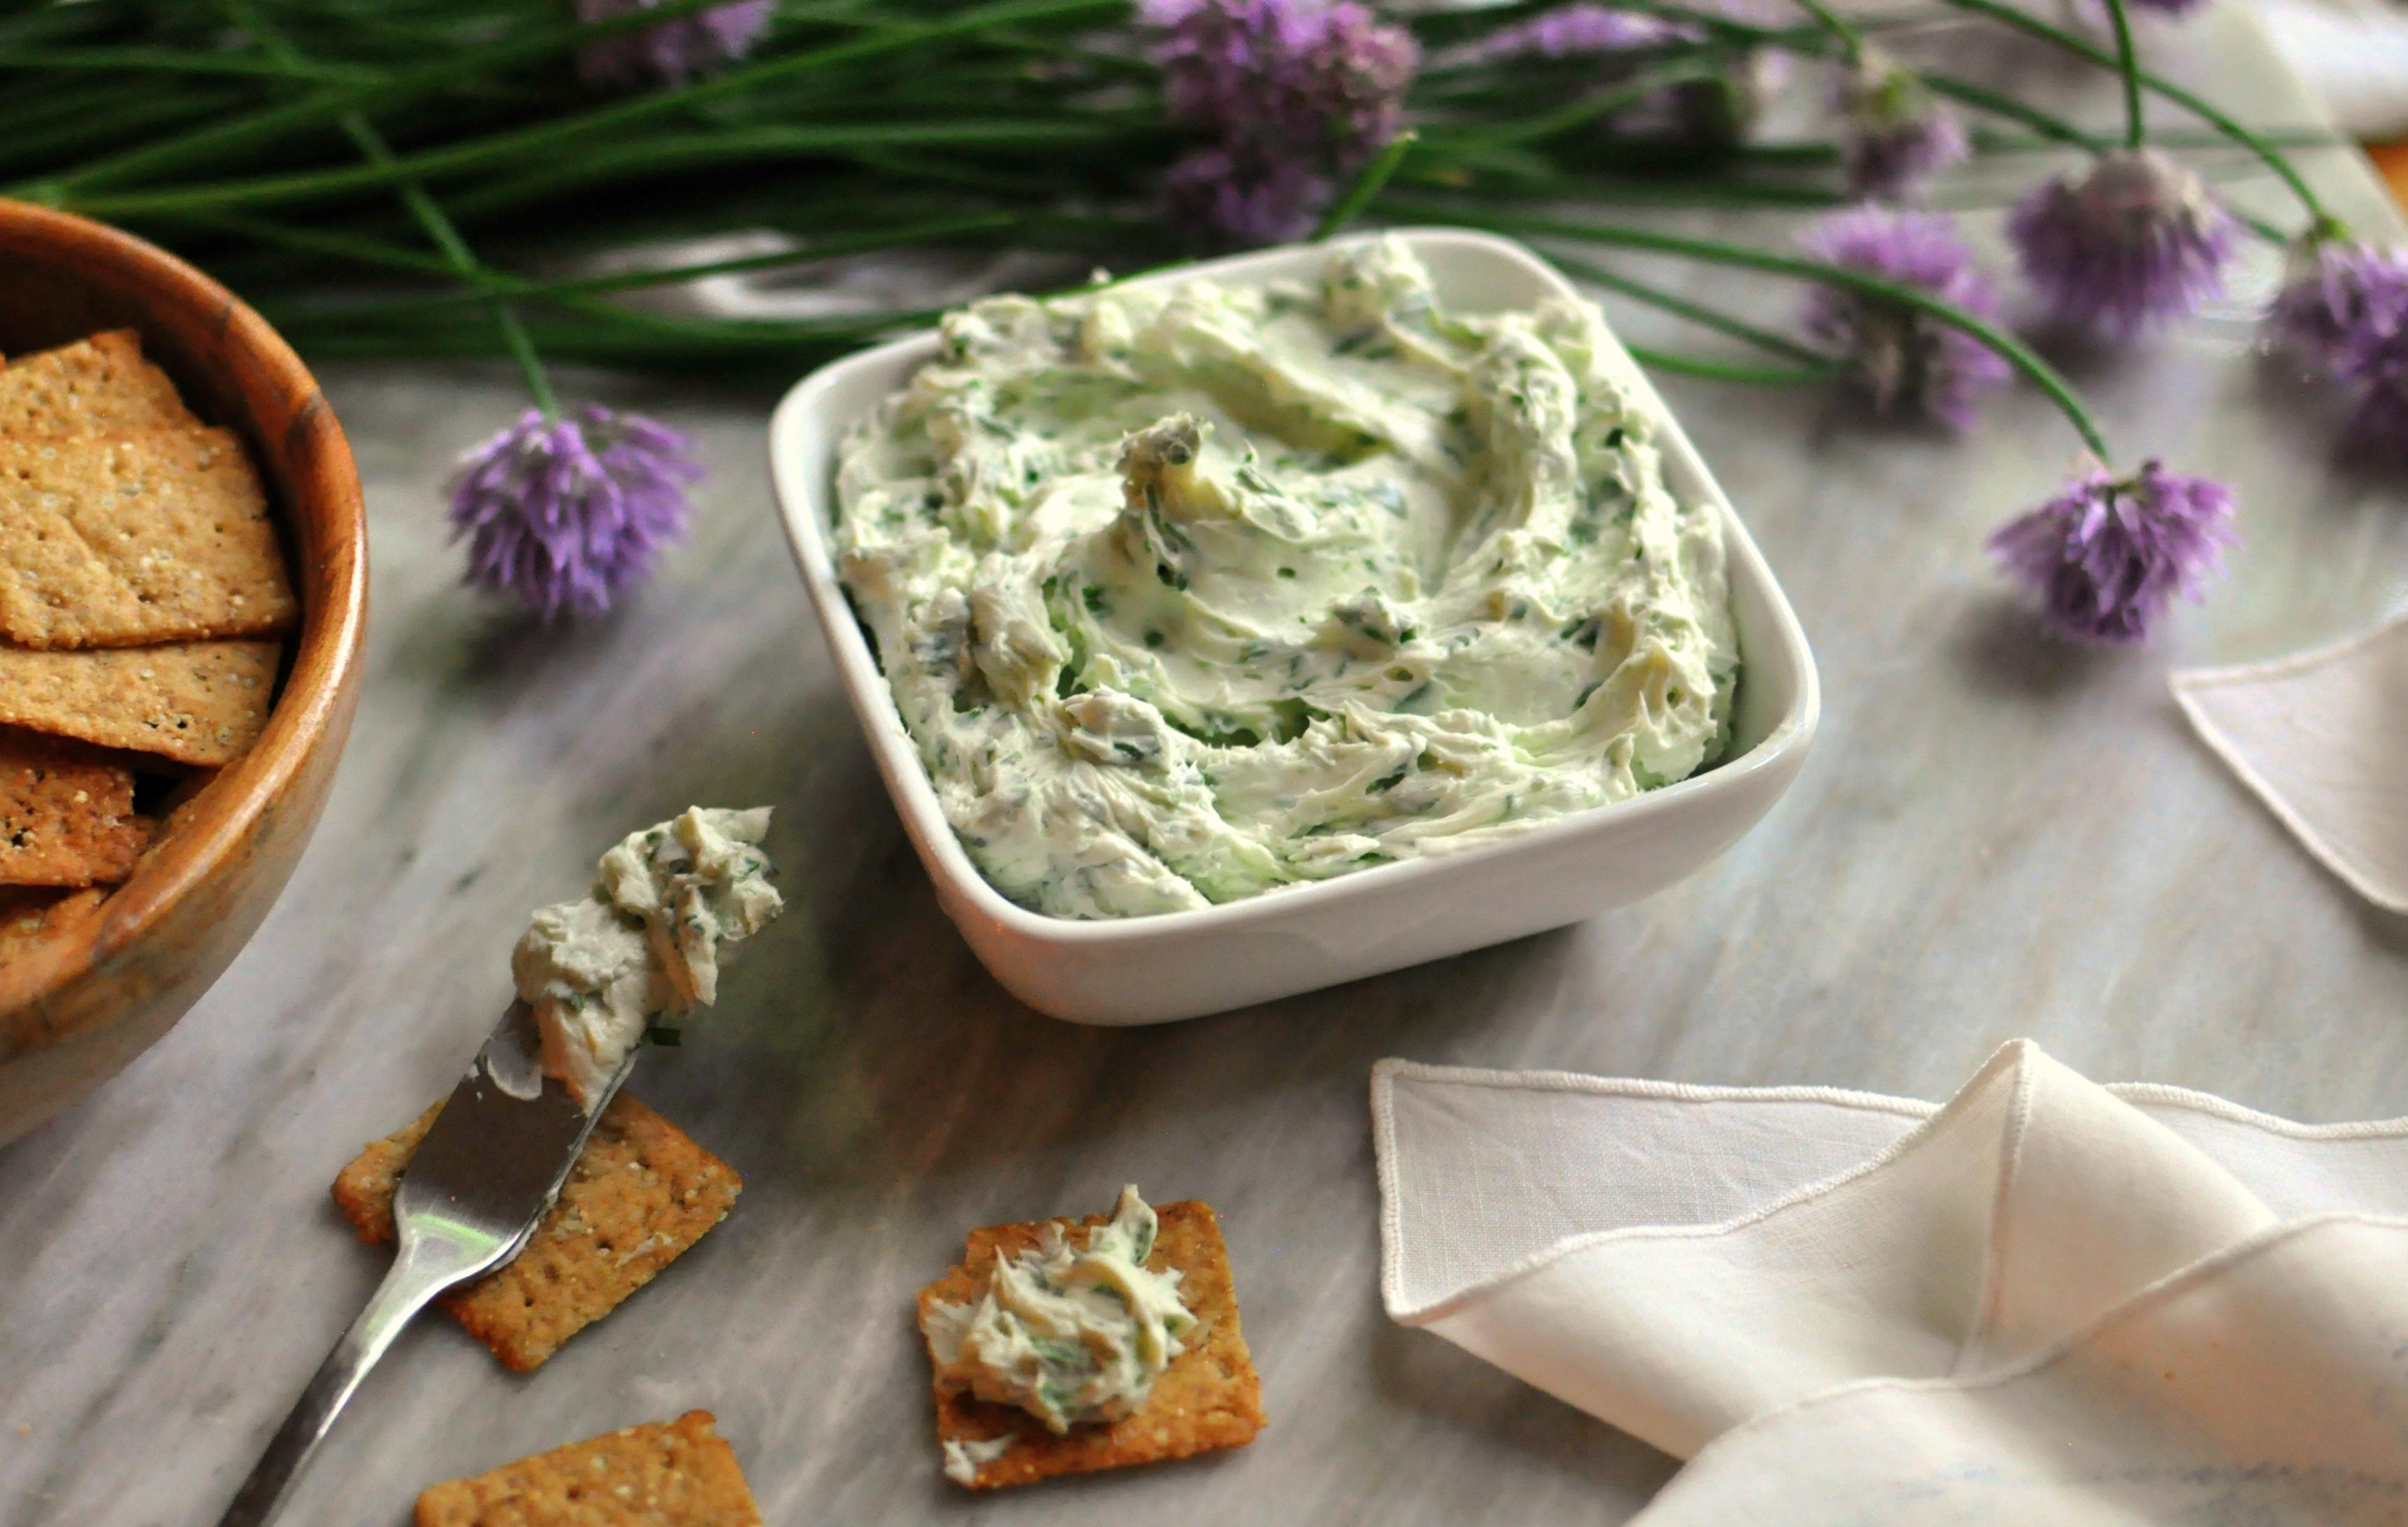 Chive Cheese by Laura Kurella